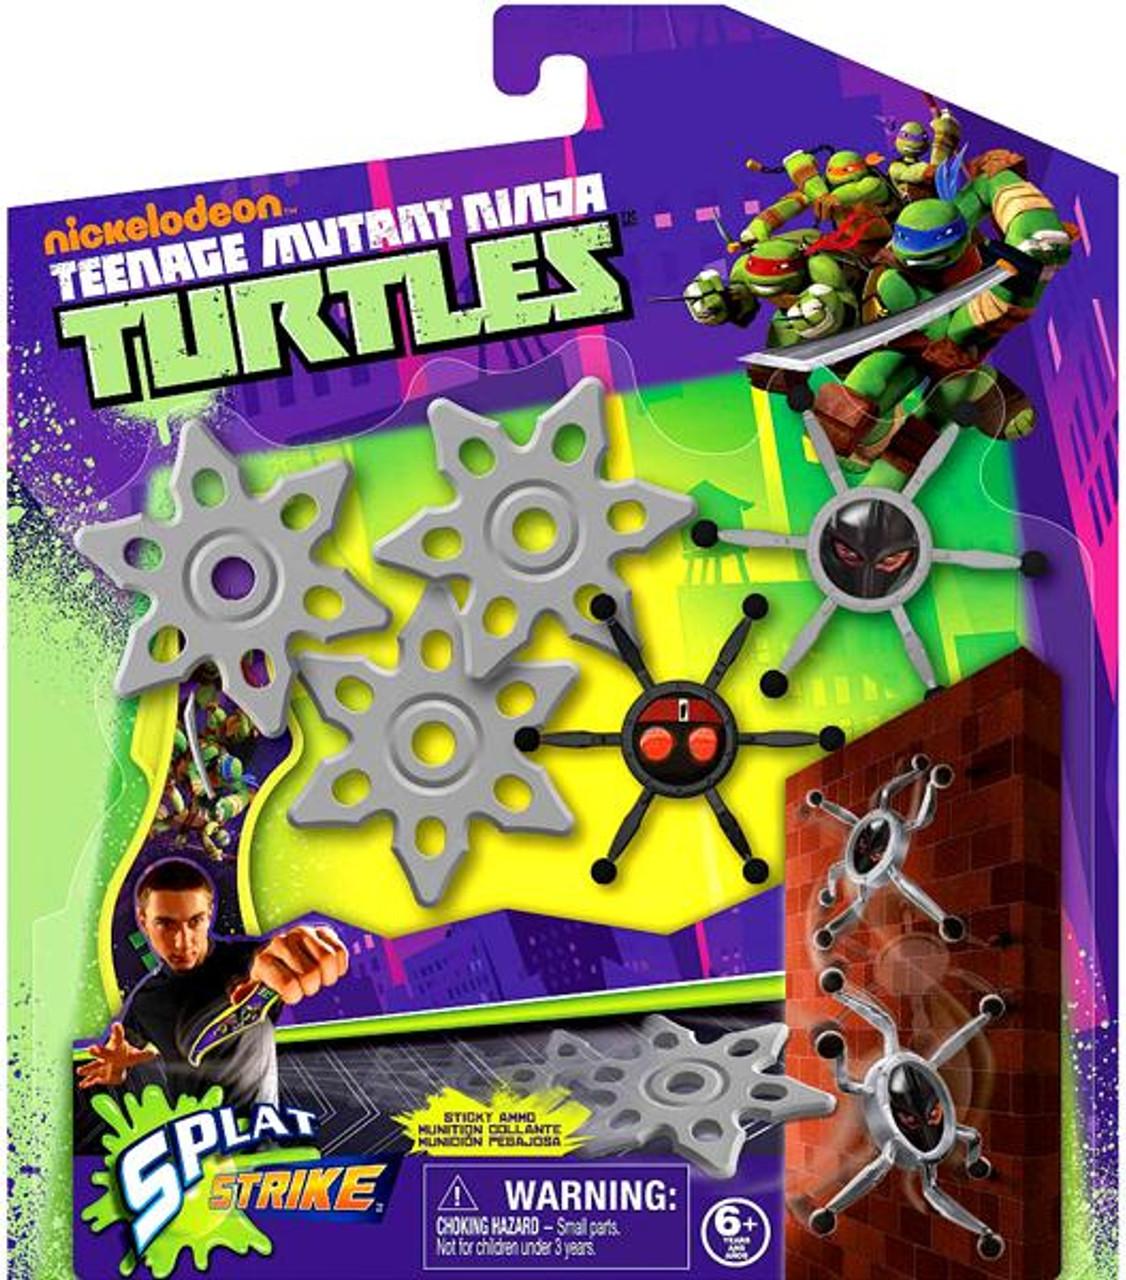 Teenage Mutant Ninja Turtles Nickelodeon Splat Strike Playset Roleplay Toy